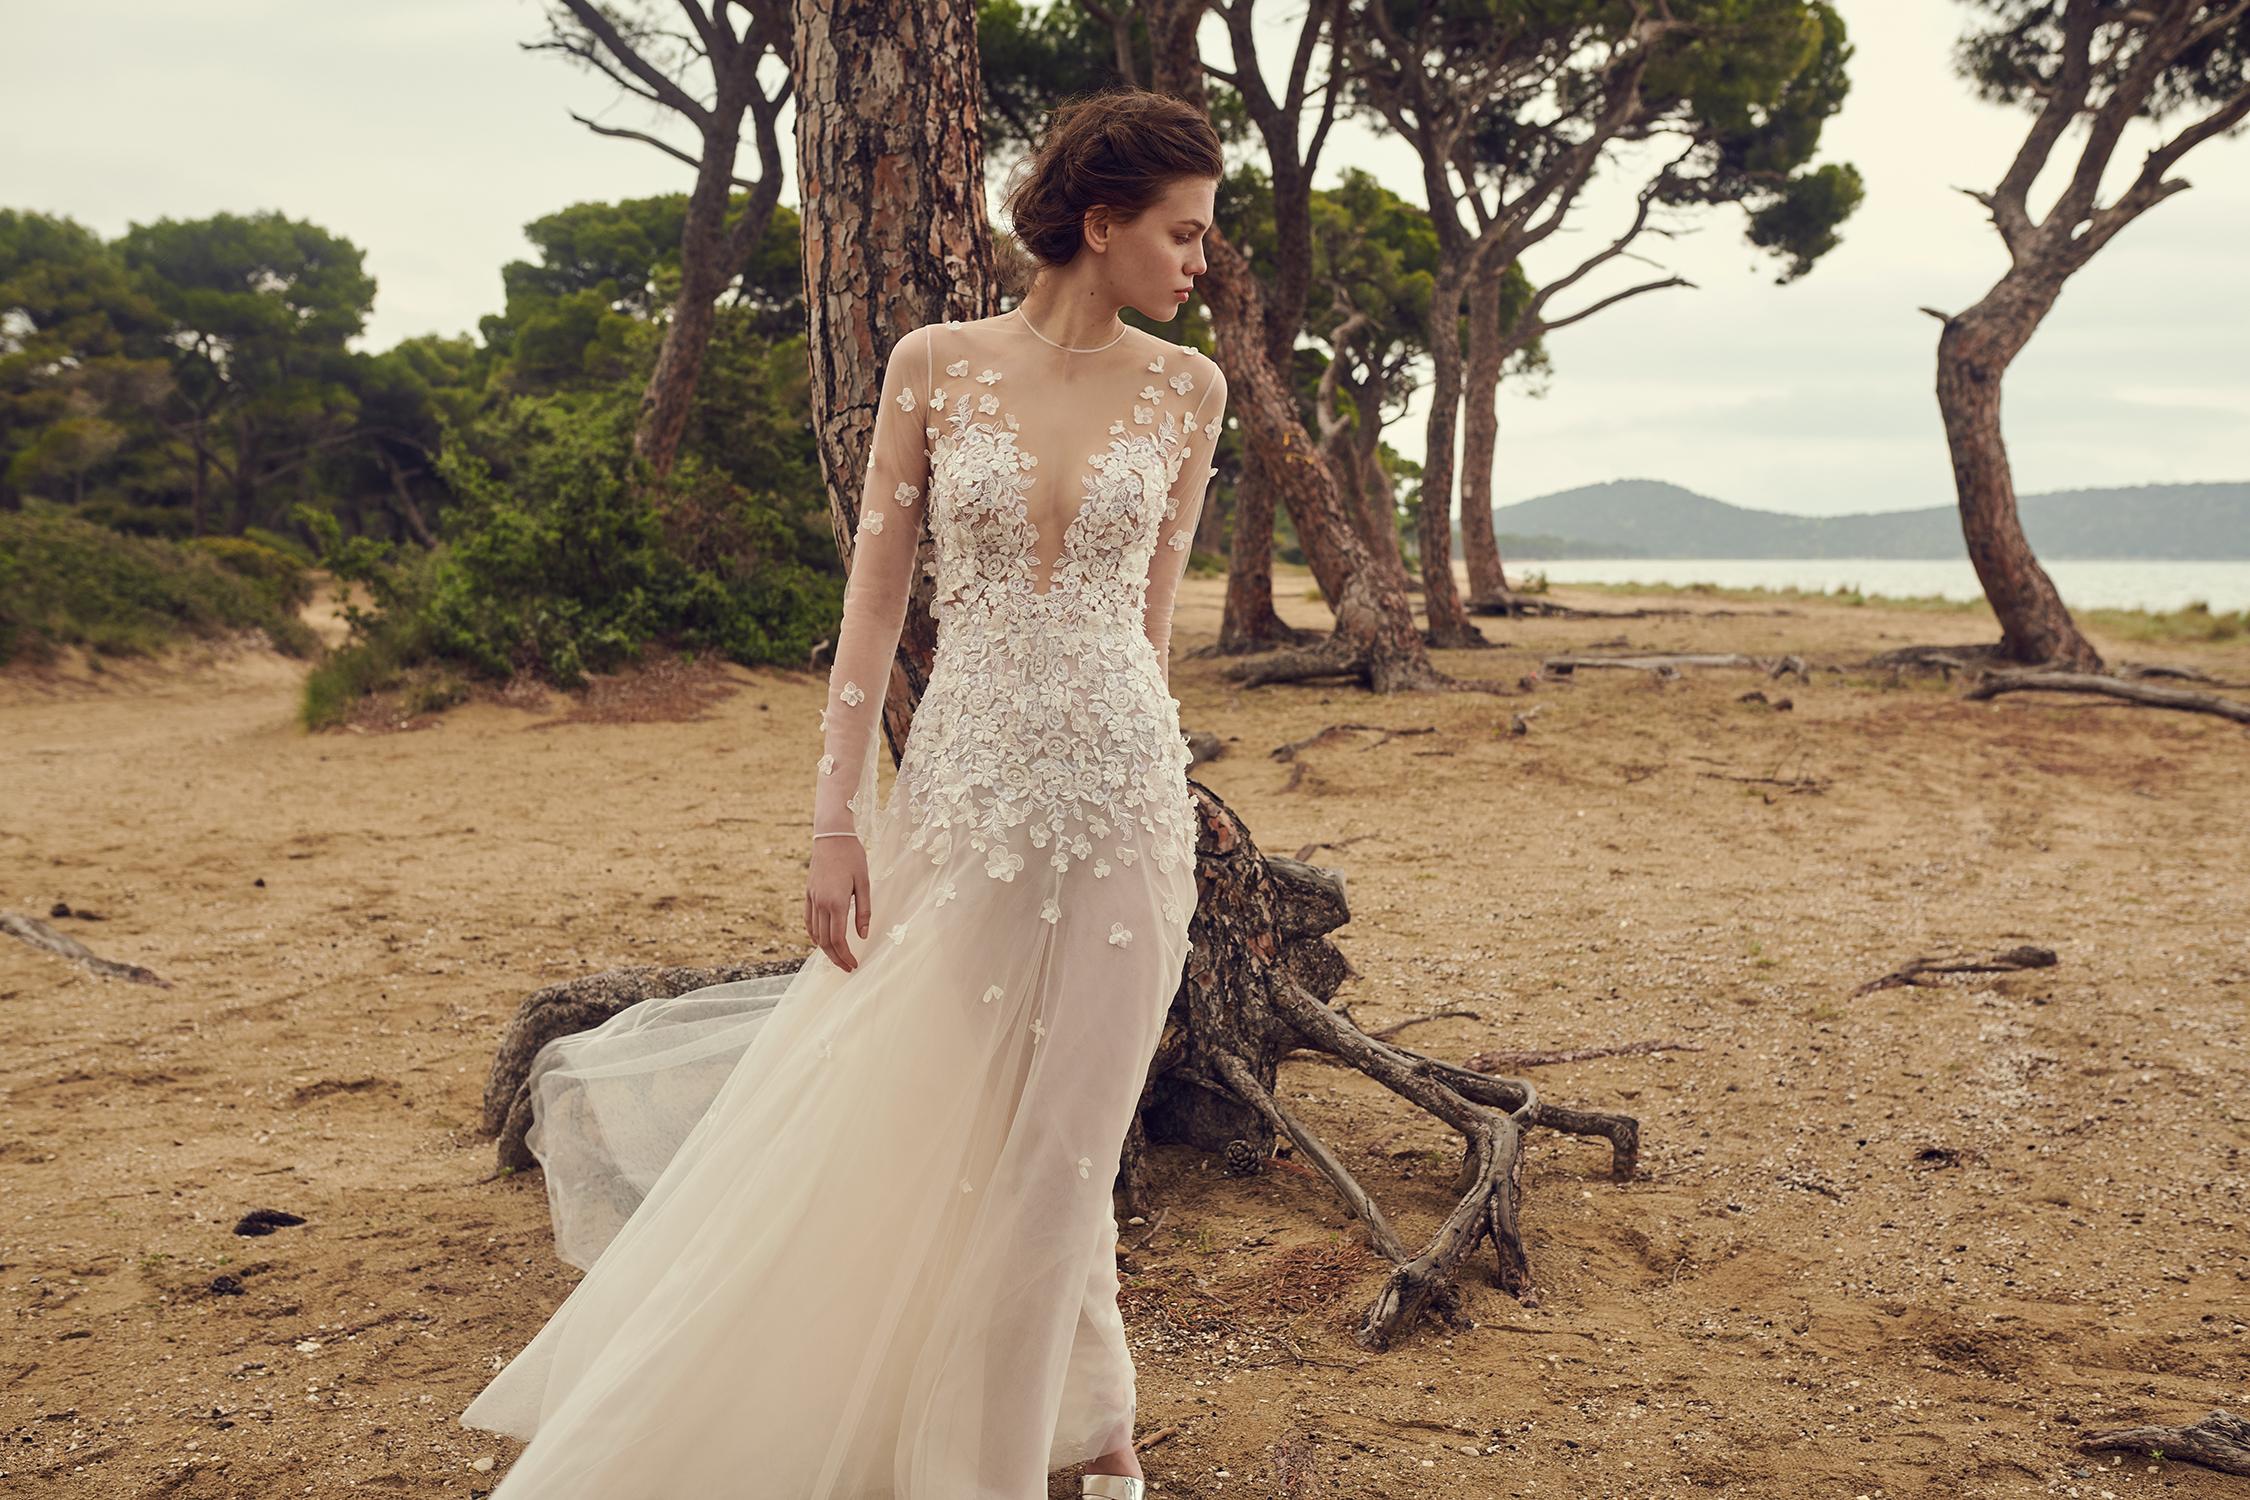 costarellos illusion high neck long sleeve floral applique wedding dress spring 2020